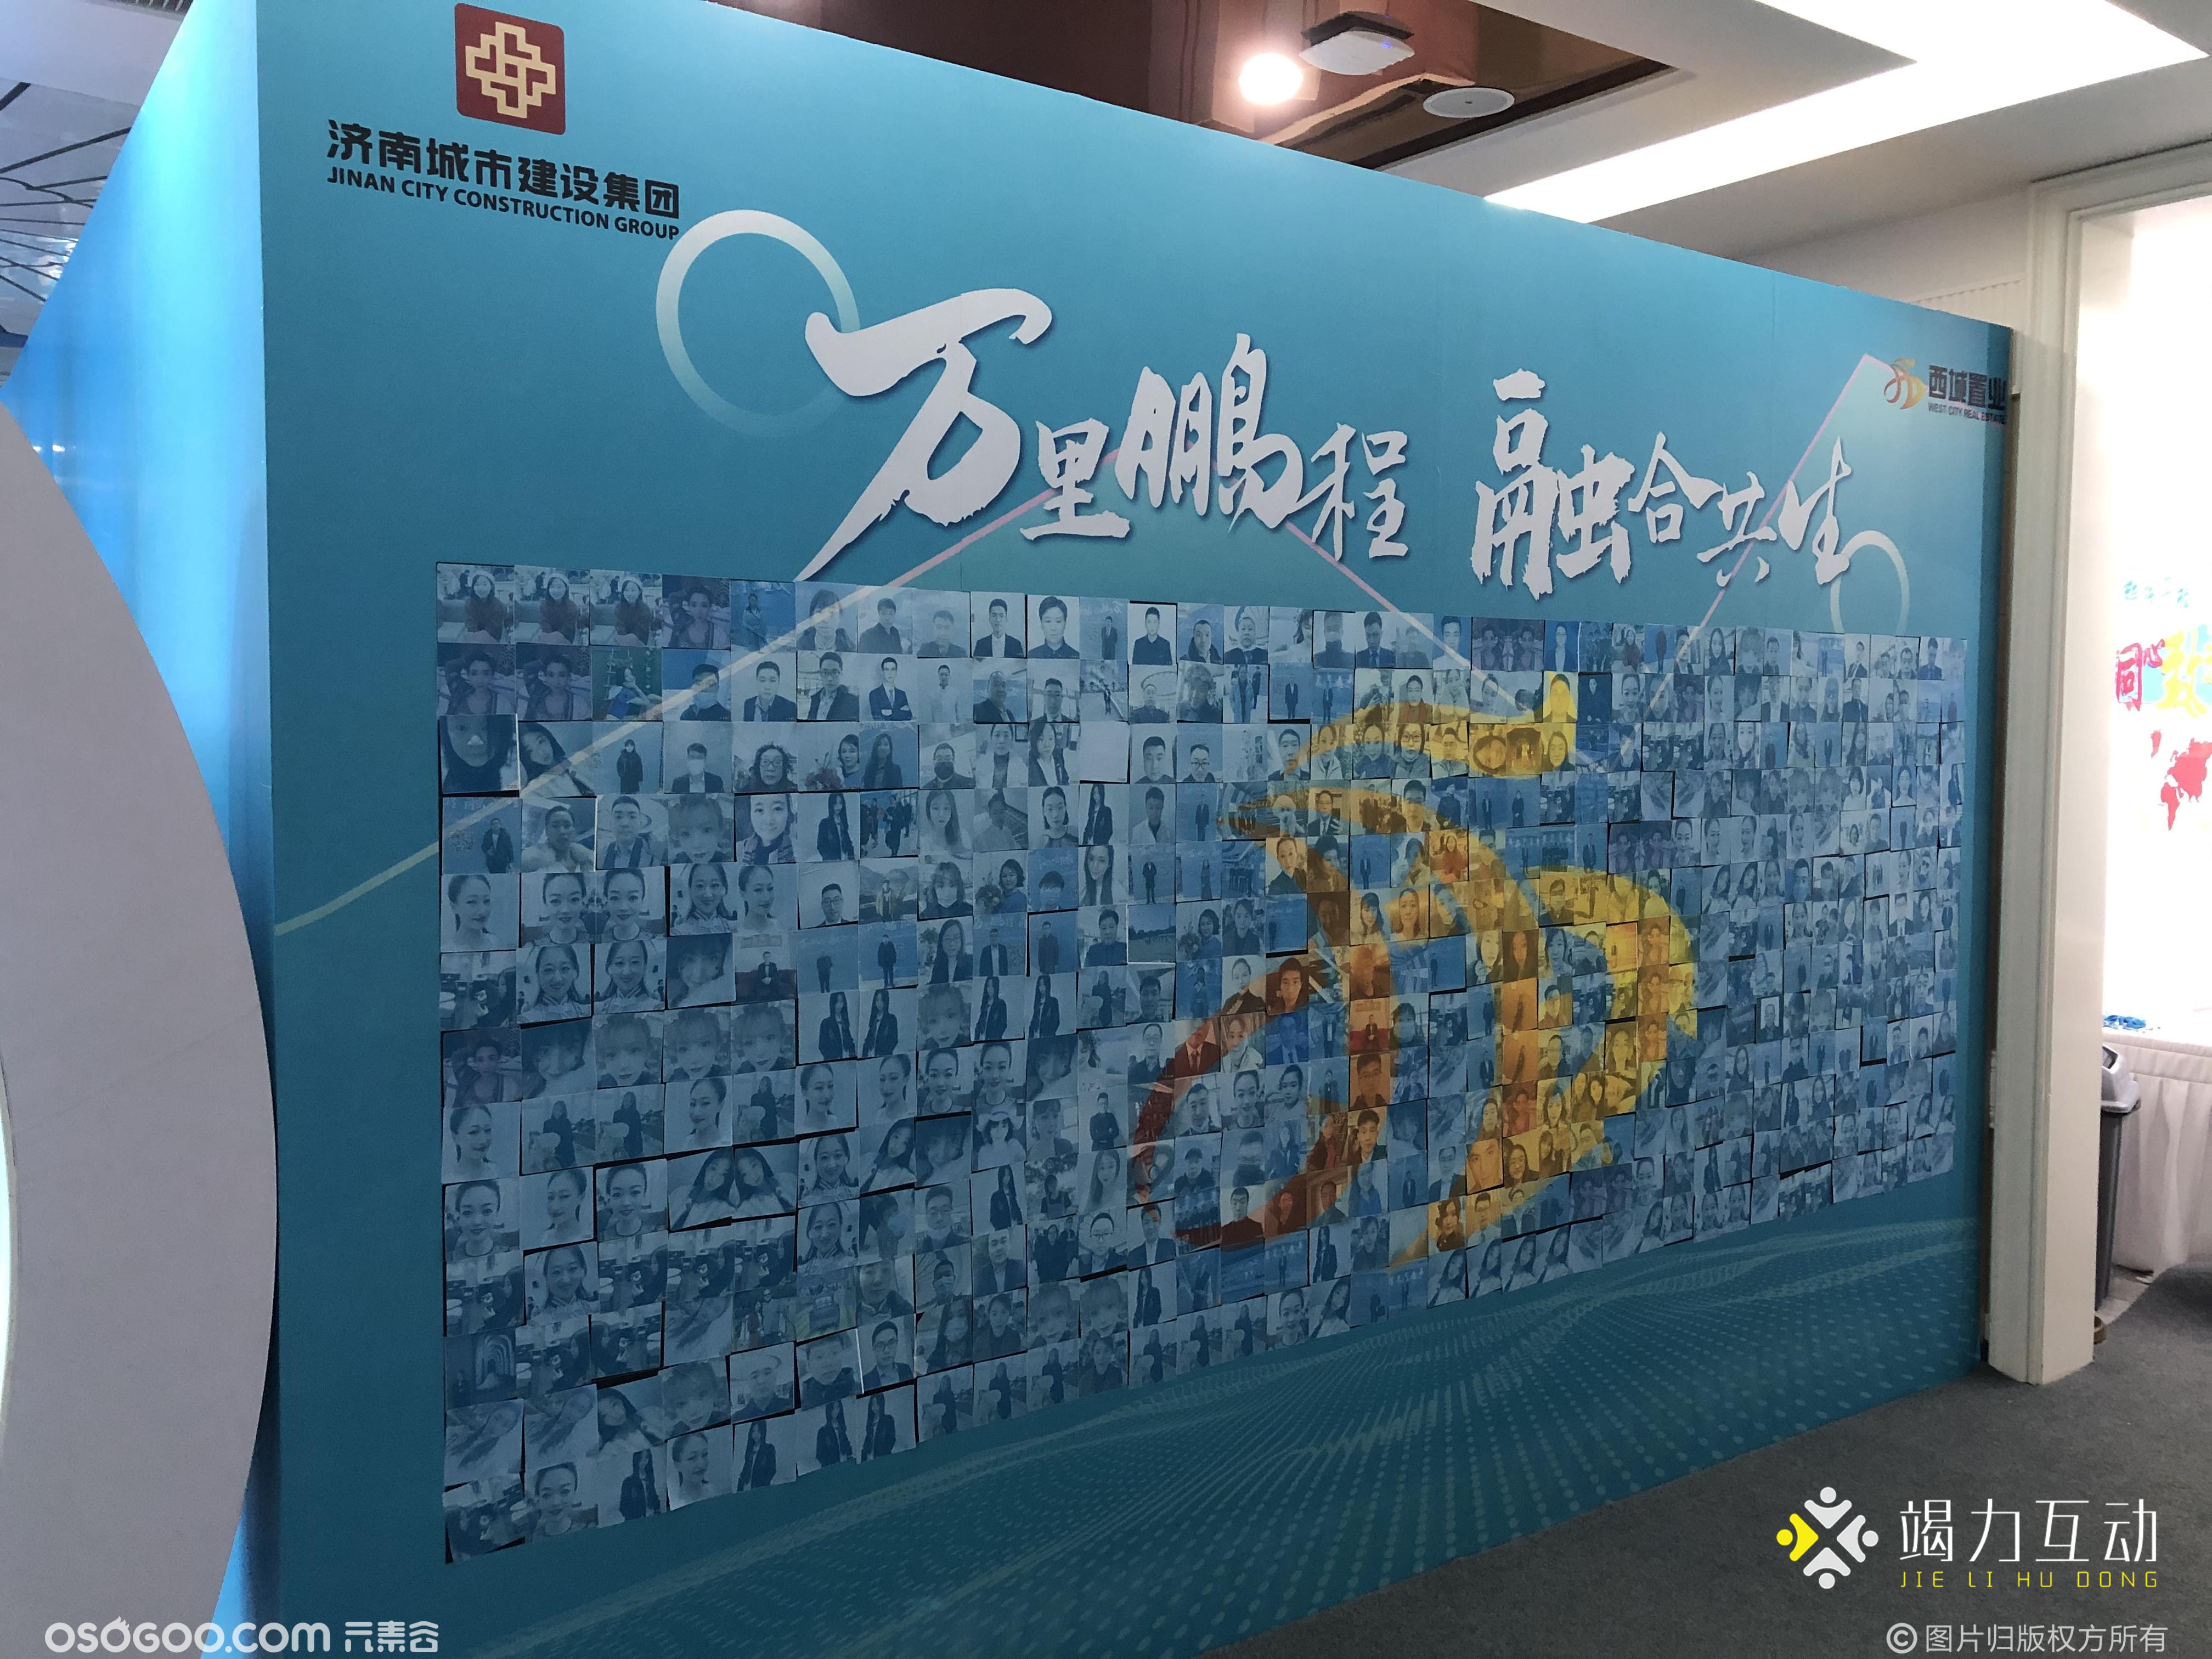 【马赛克签到】济南城市建设集团—万里鹏程 融合共生